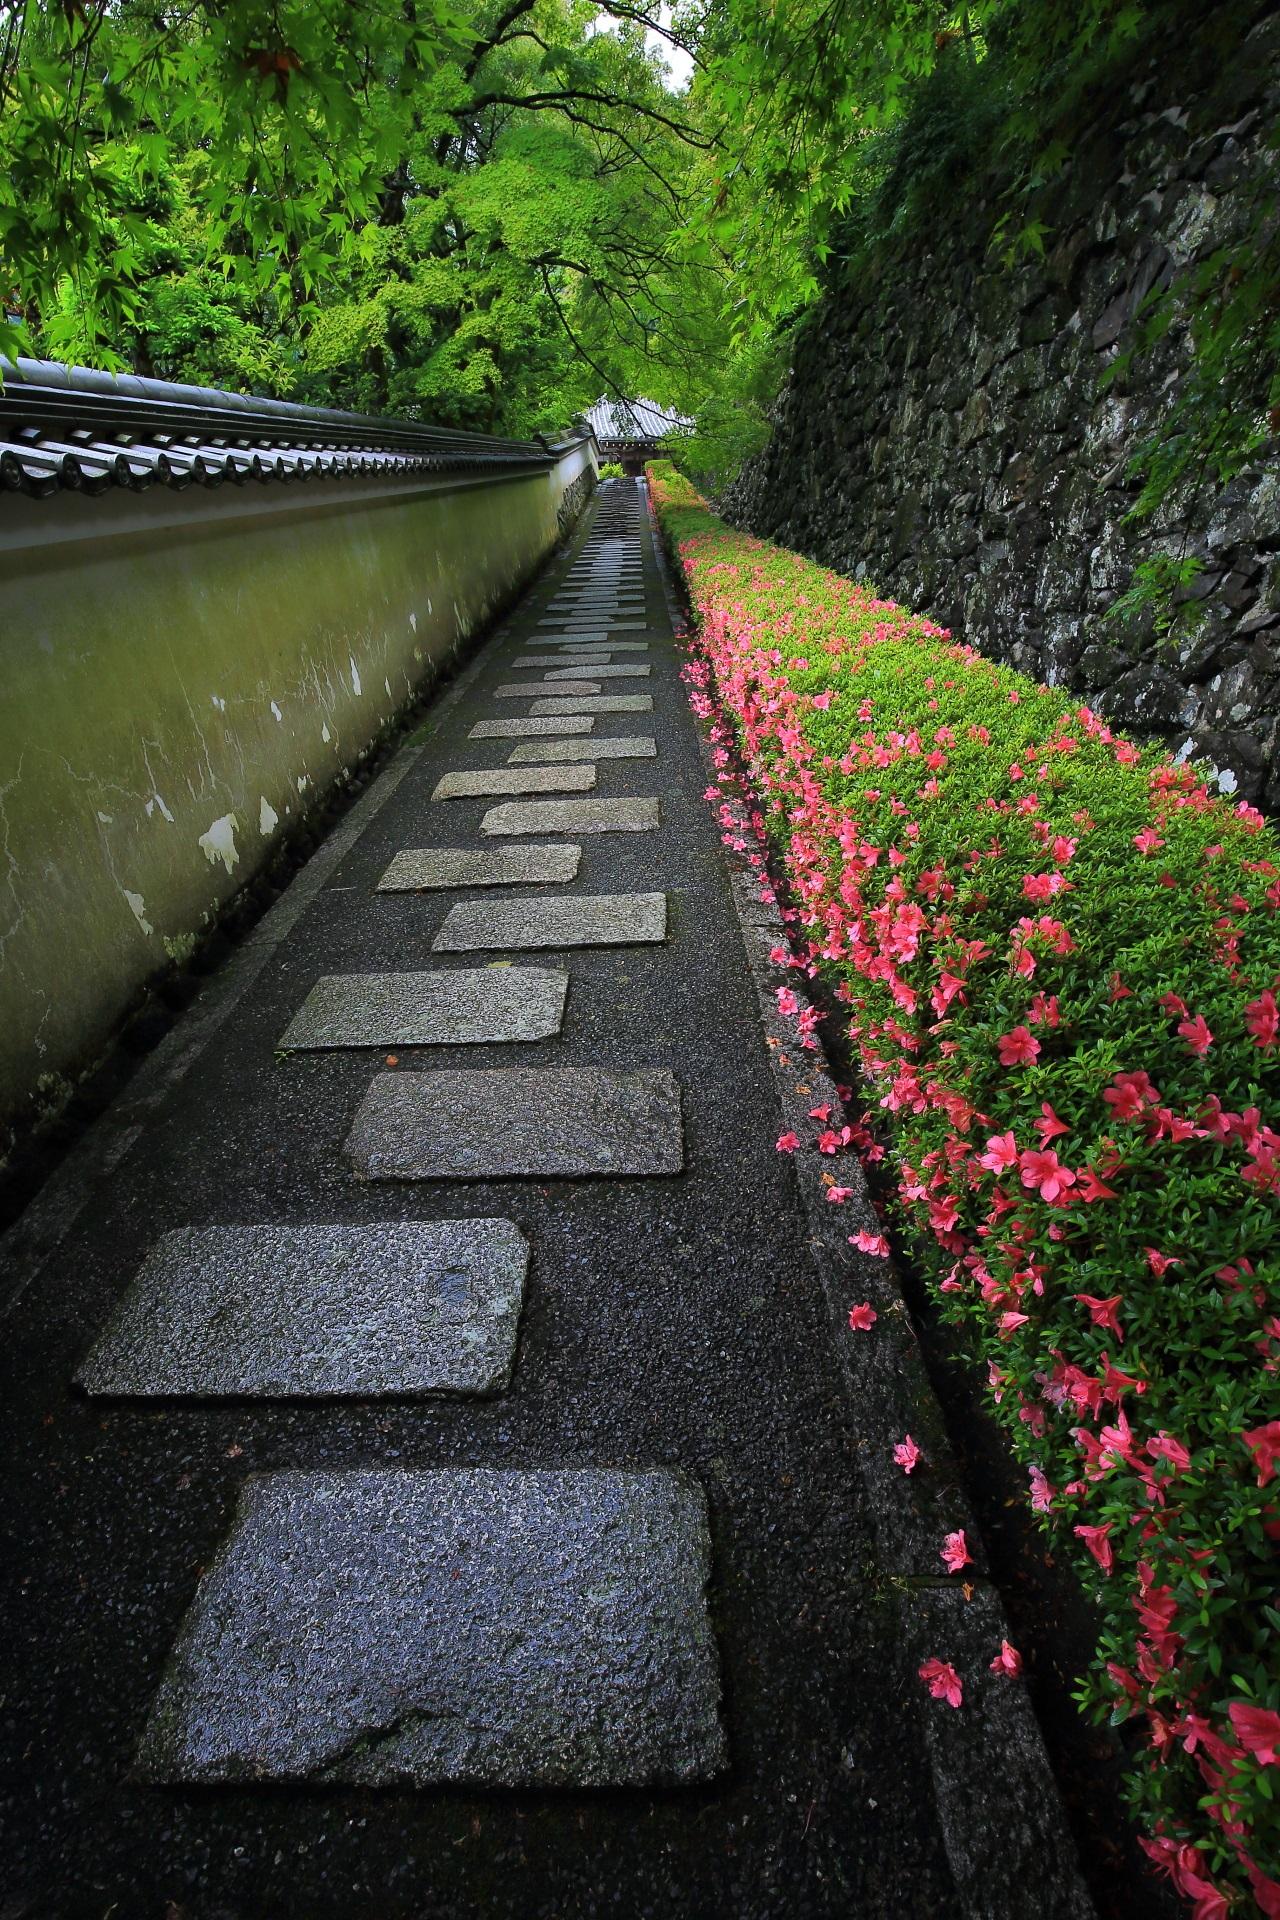 風情たっぷりの両横の土塀と石垣や石の長い参道と奥の阿弥陀堂